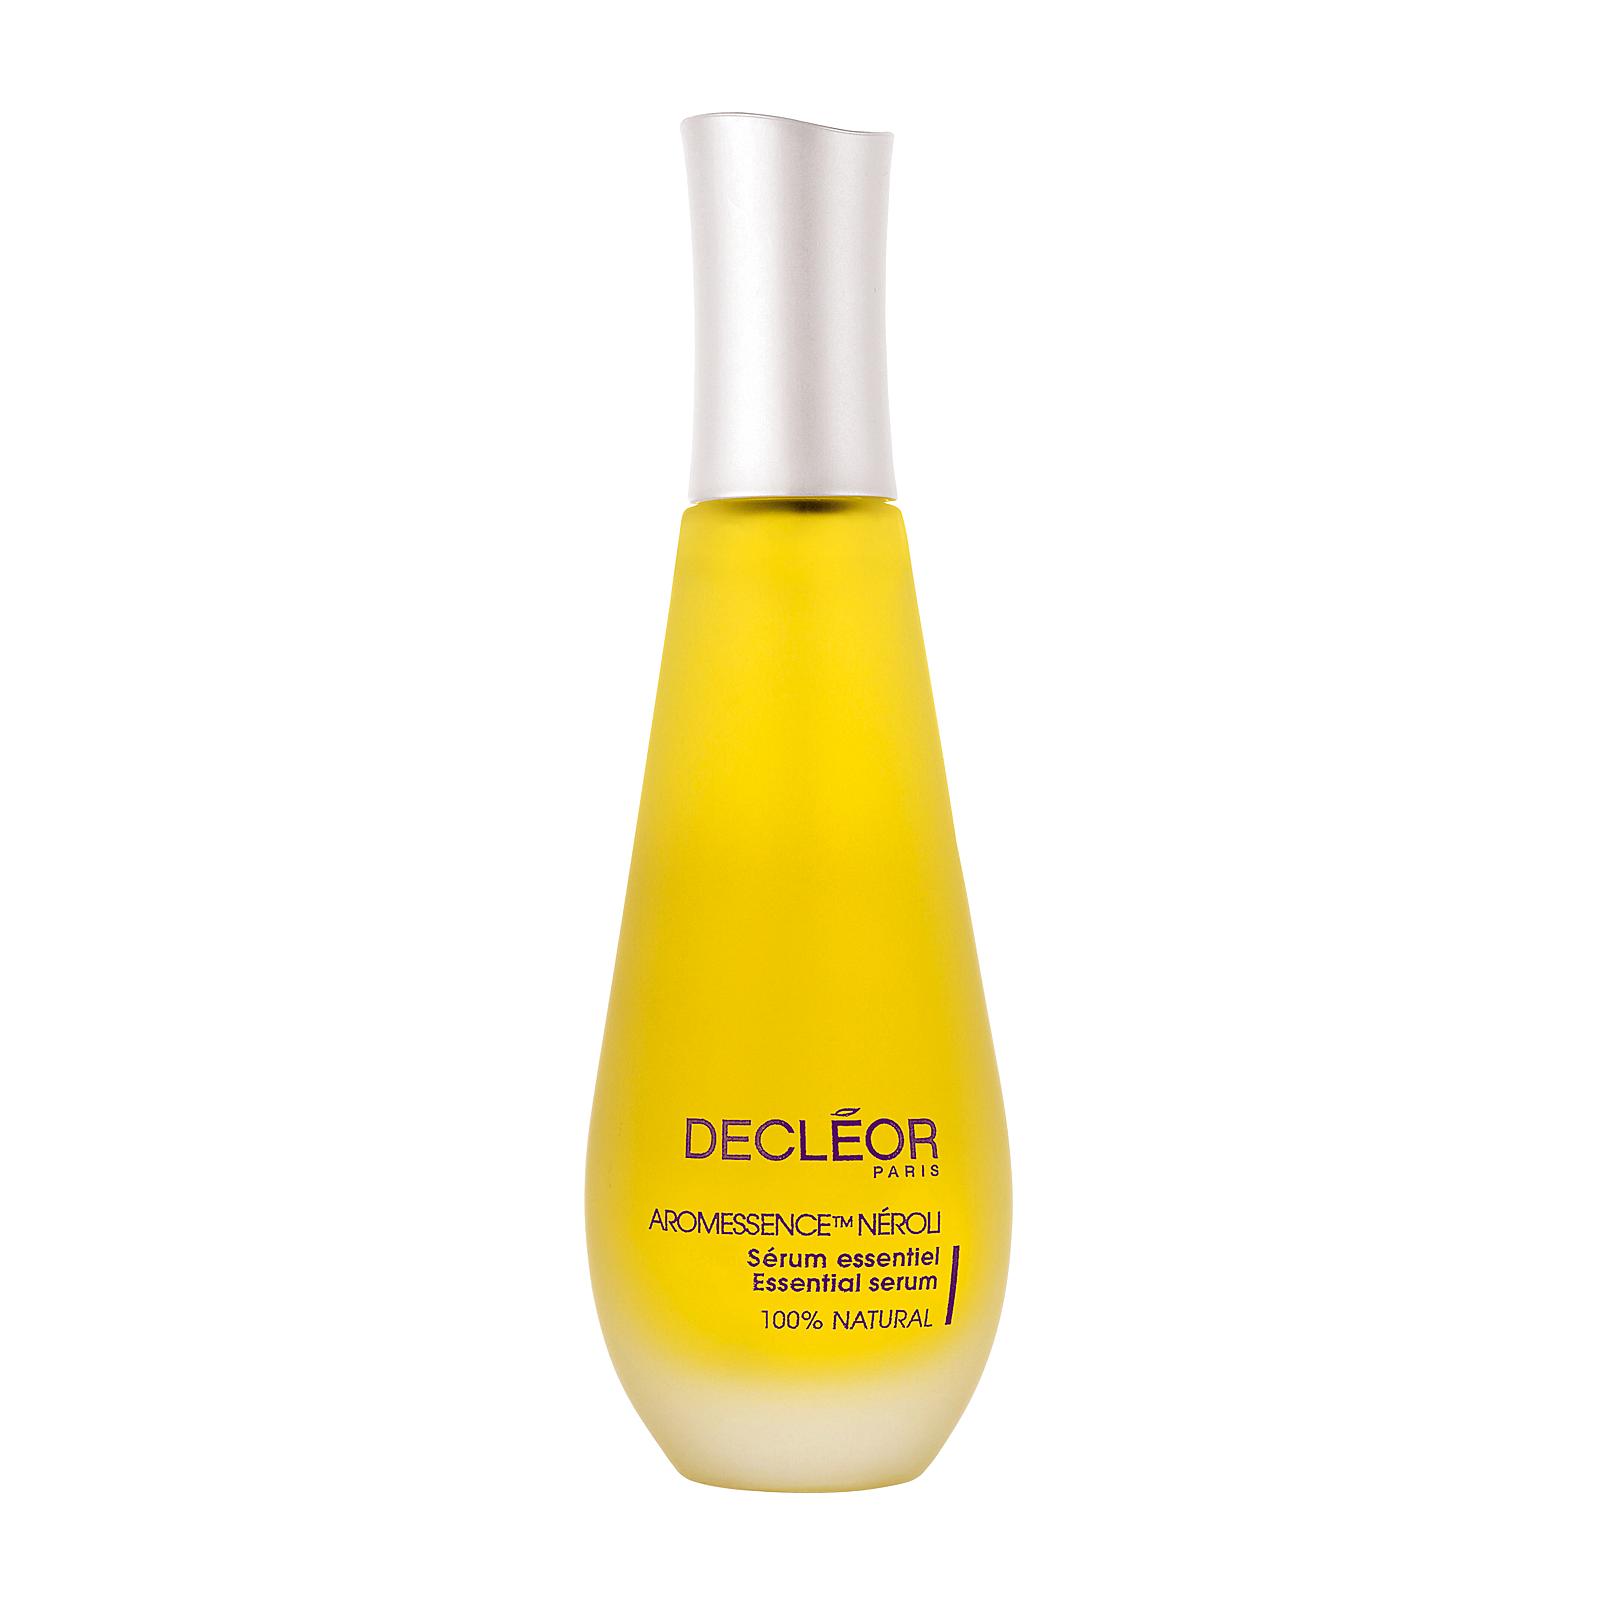 decleor oil